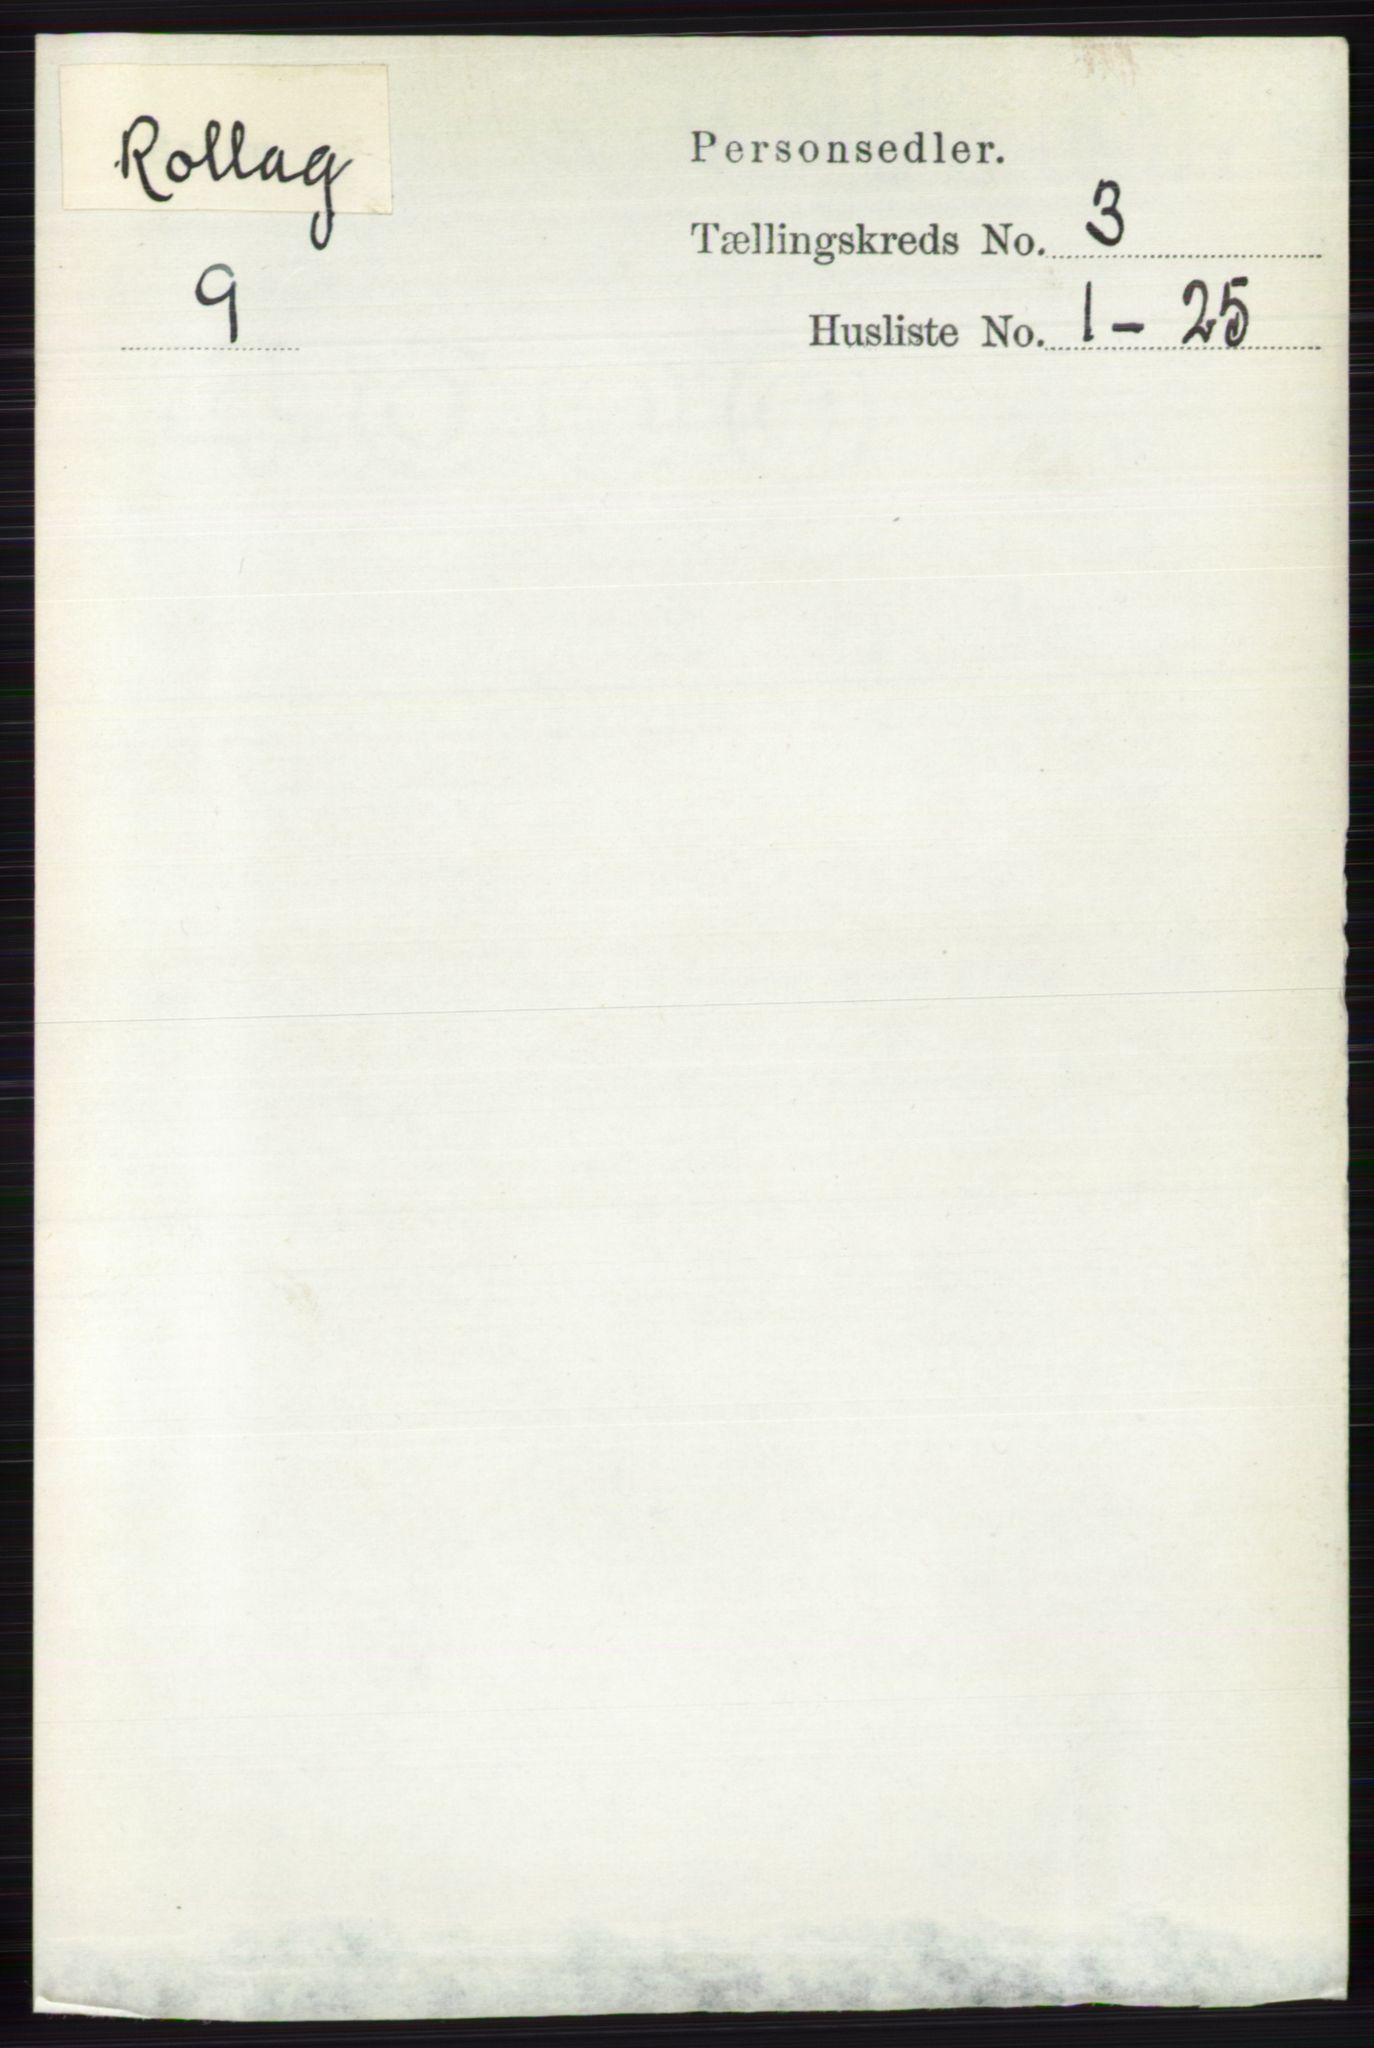 RA, Folketelling 1891 for 0632 Rollag herred, 1891, s. 920